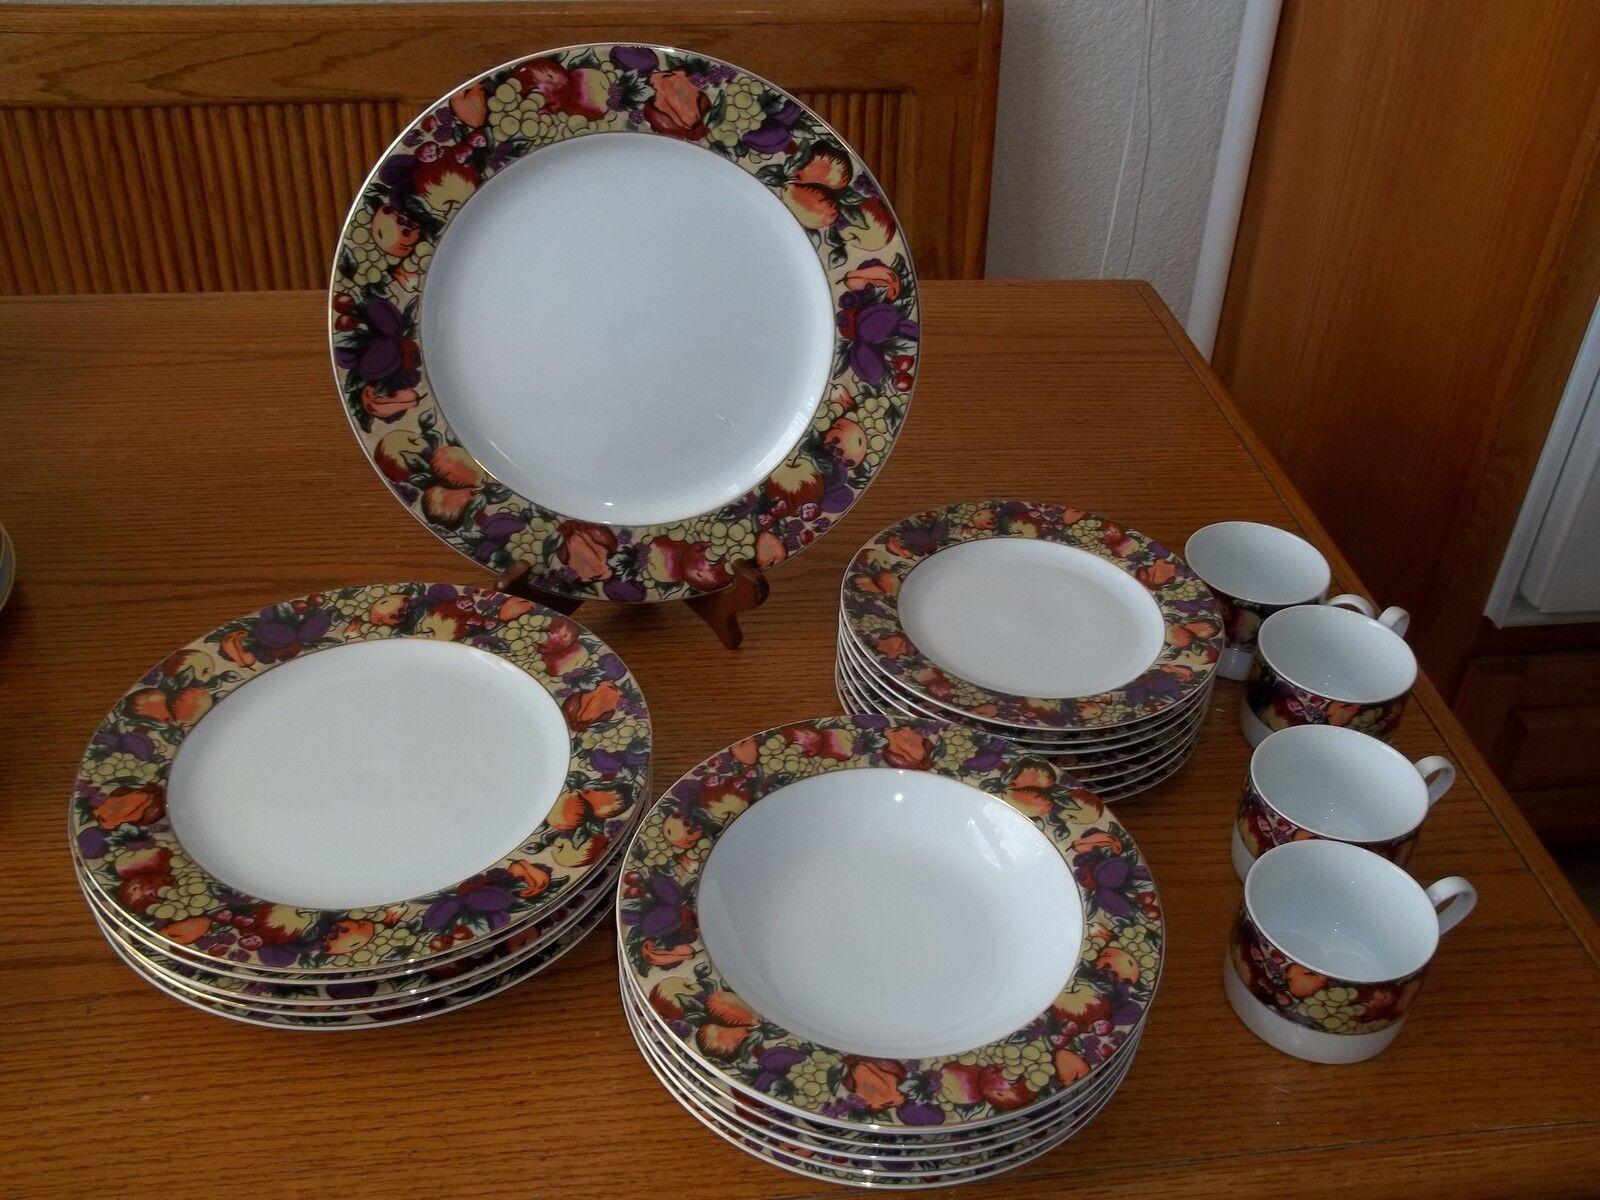 American Atelier Fruitage Dish Set  23 pieces  Assiettes Tasses Bols